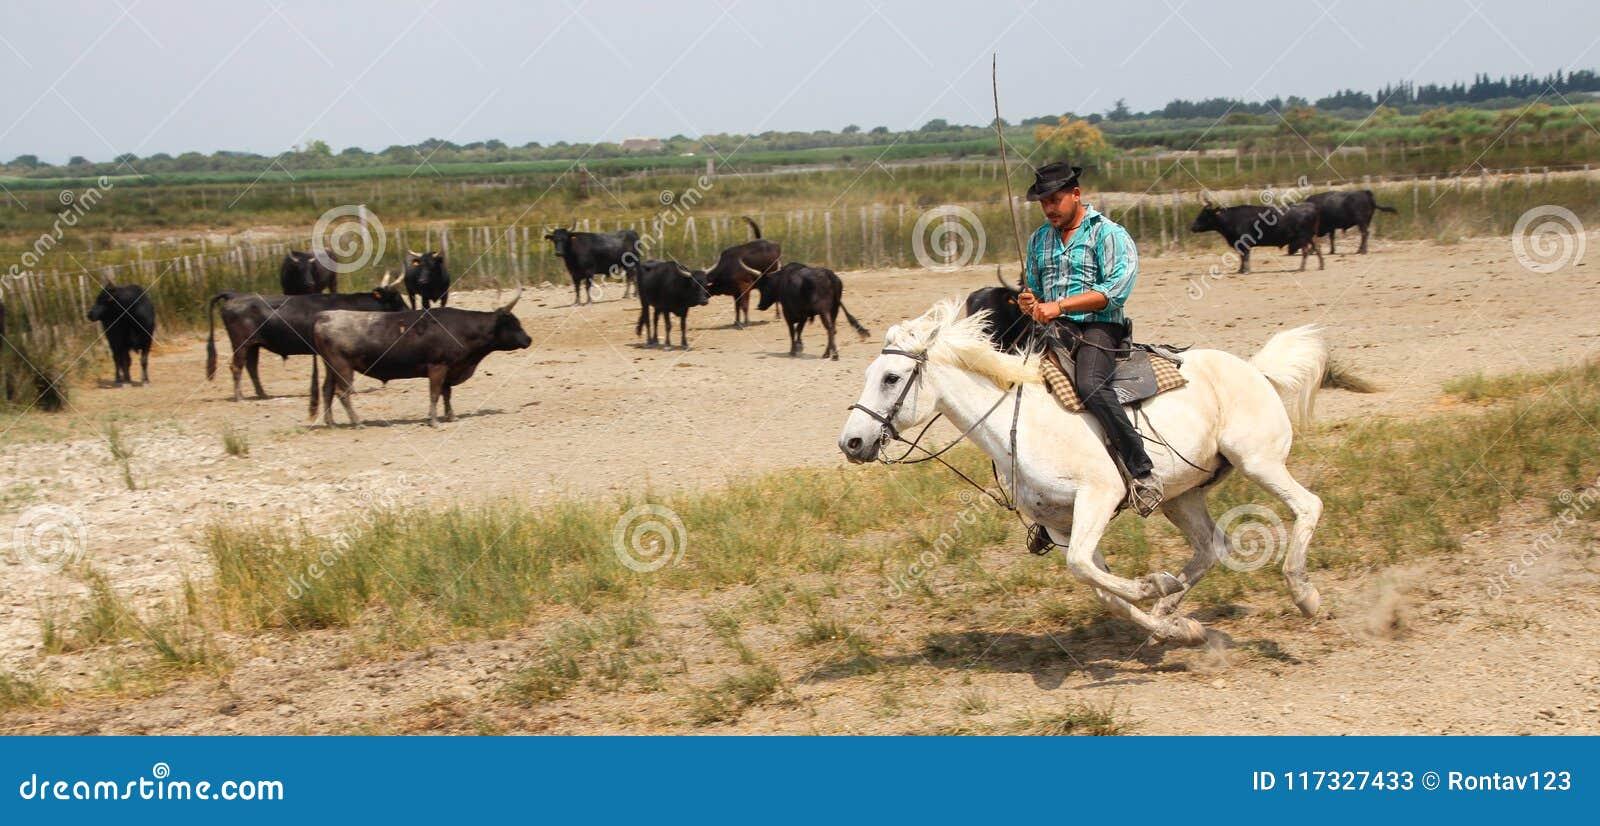 Camargue kowboj jedzie na pięknym białym koniu gromadzi się czarnych byki